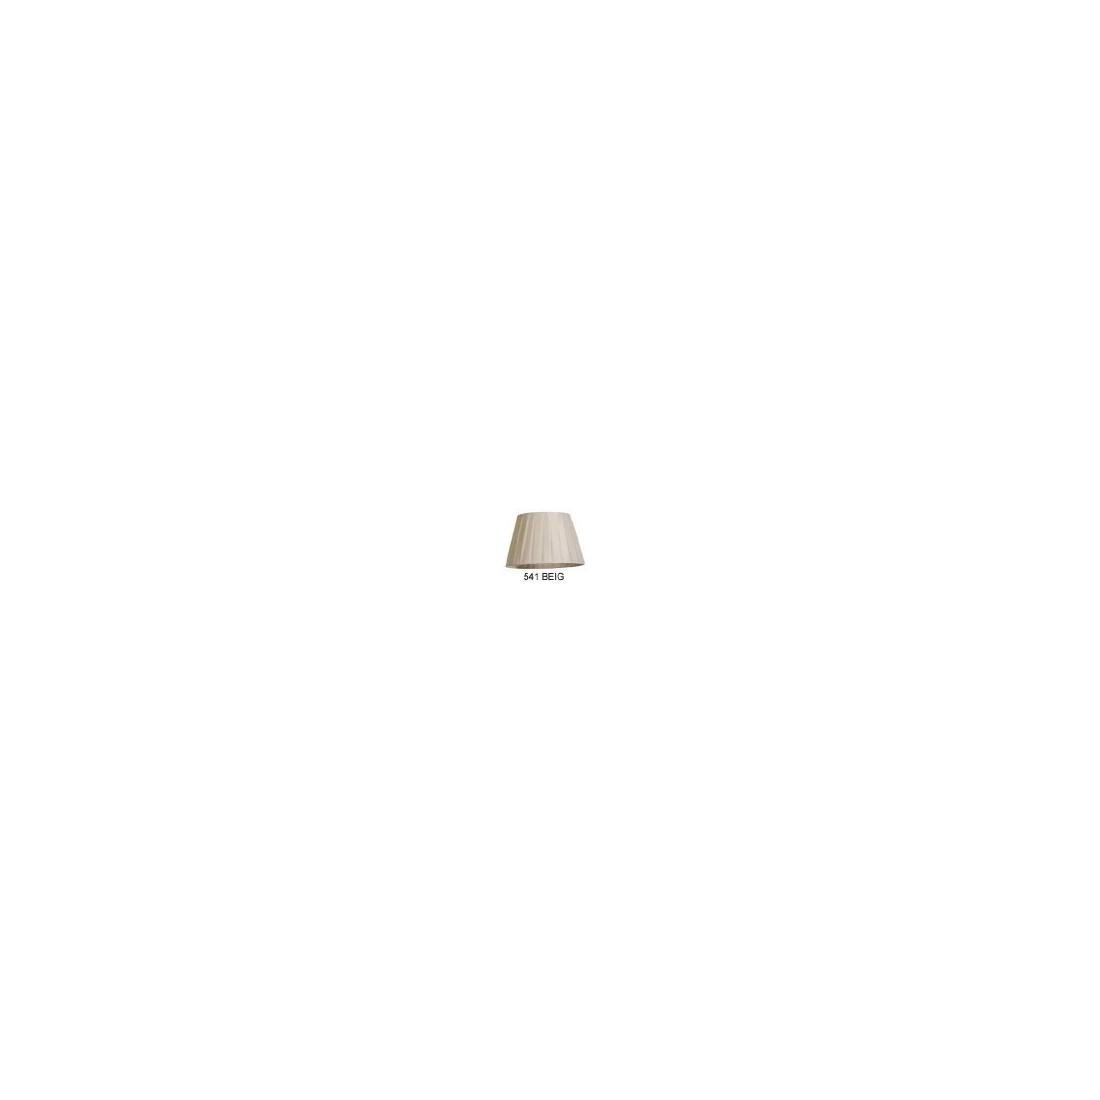 Lamparas negras comprar lamparas negras lamparas negras - Apliques pared dormitorio ...